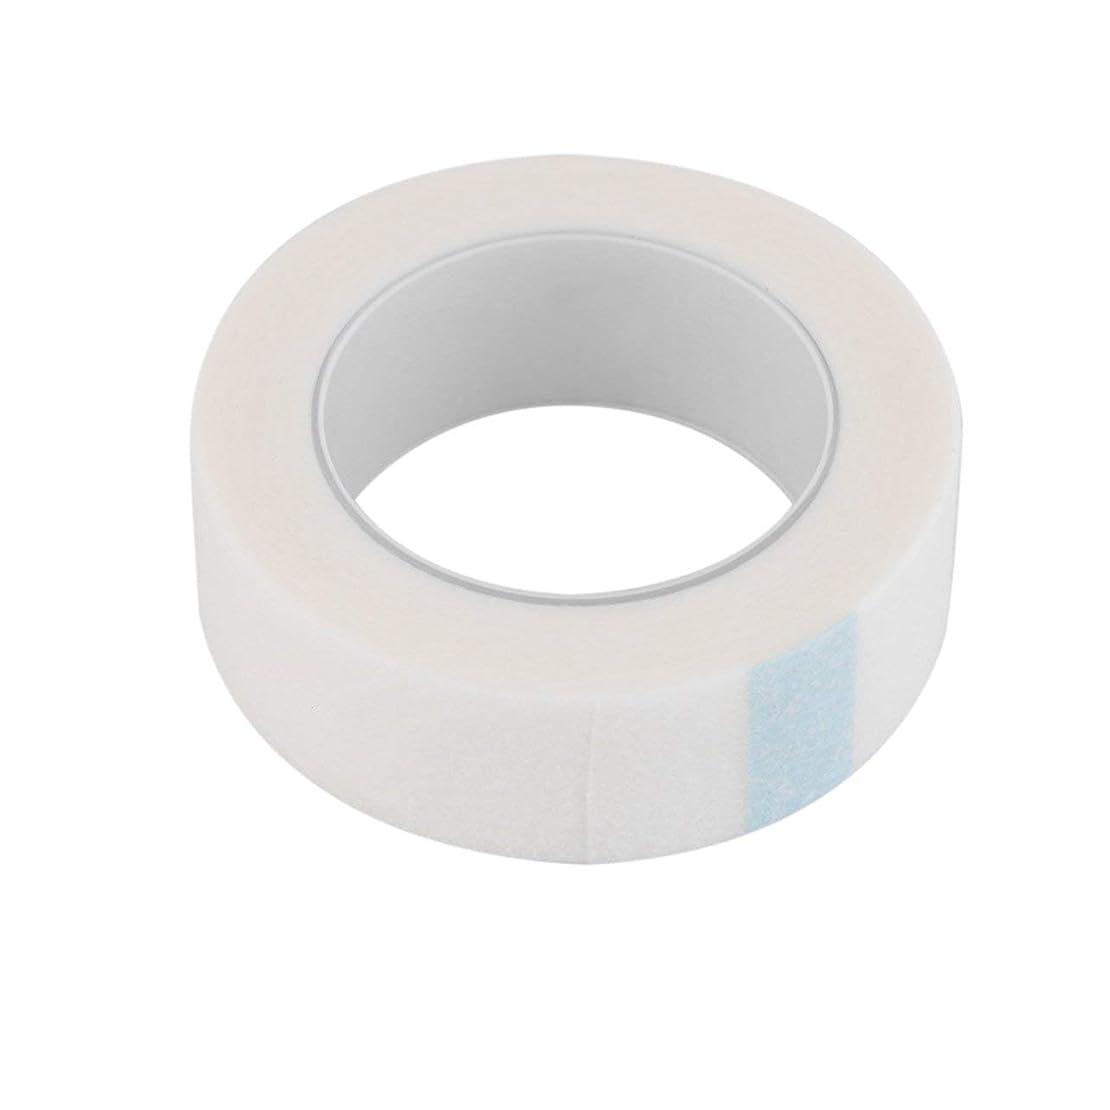 恐ろしいノイズ子供時代DeeploveUU 1ロール個々のまつげエクステンションツール供給医療テープ医療まつげエクステンションマイクロポア紙メイク